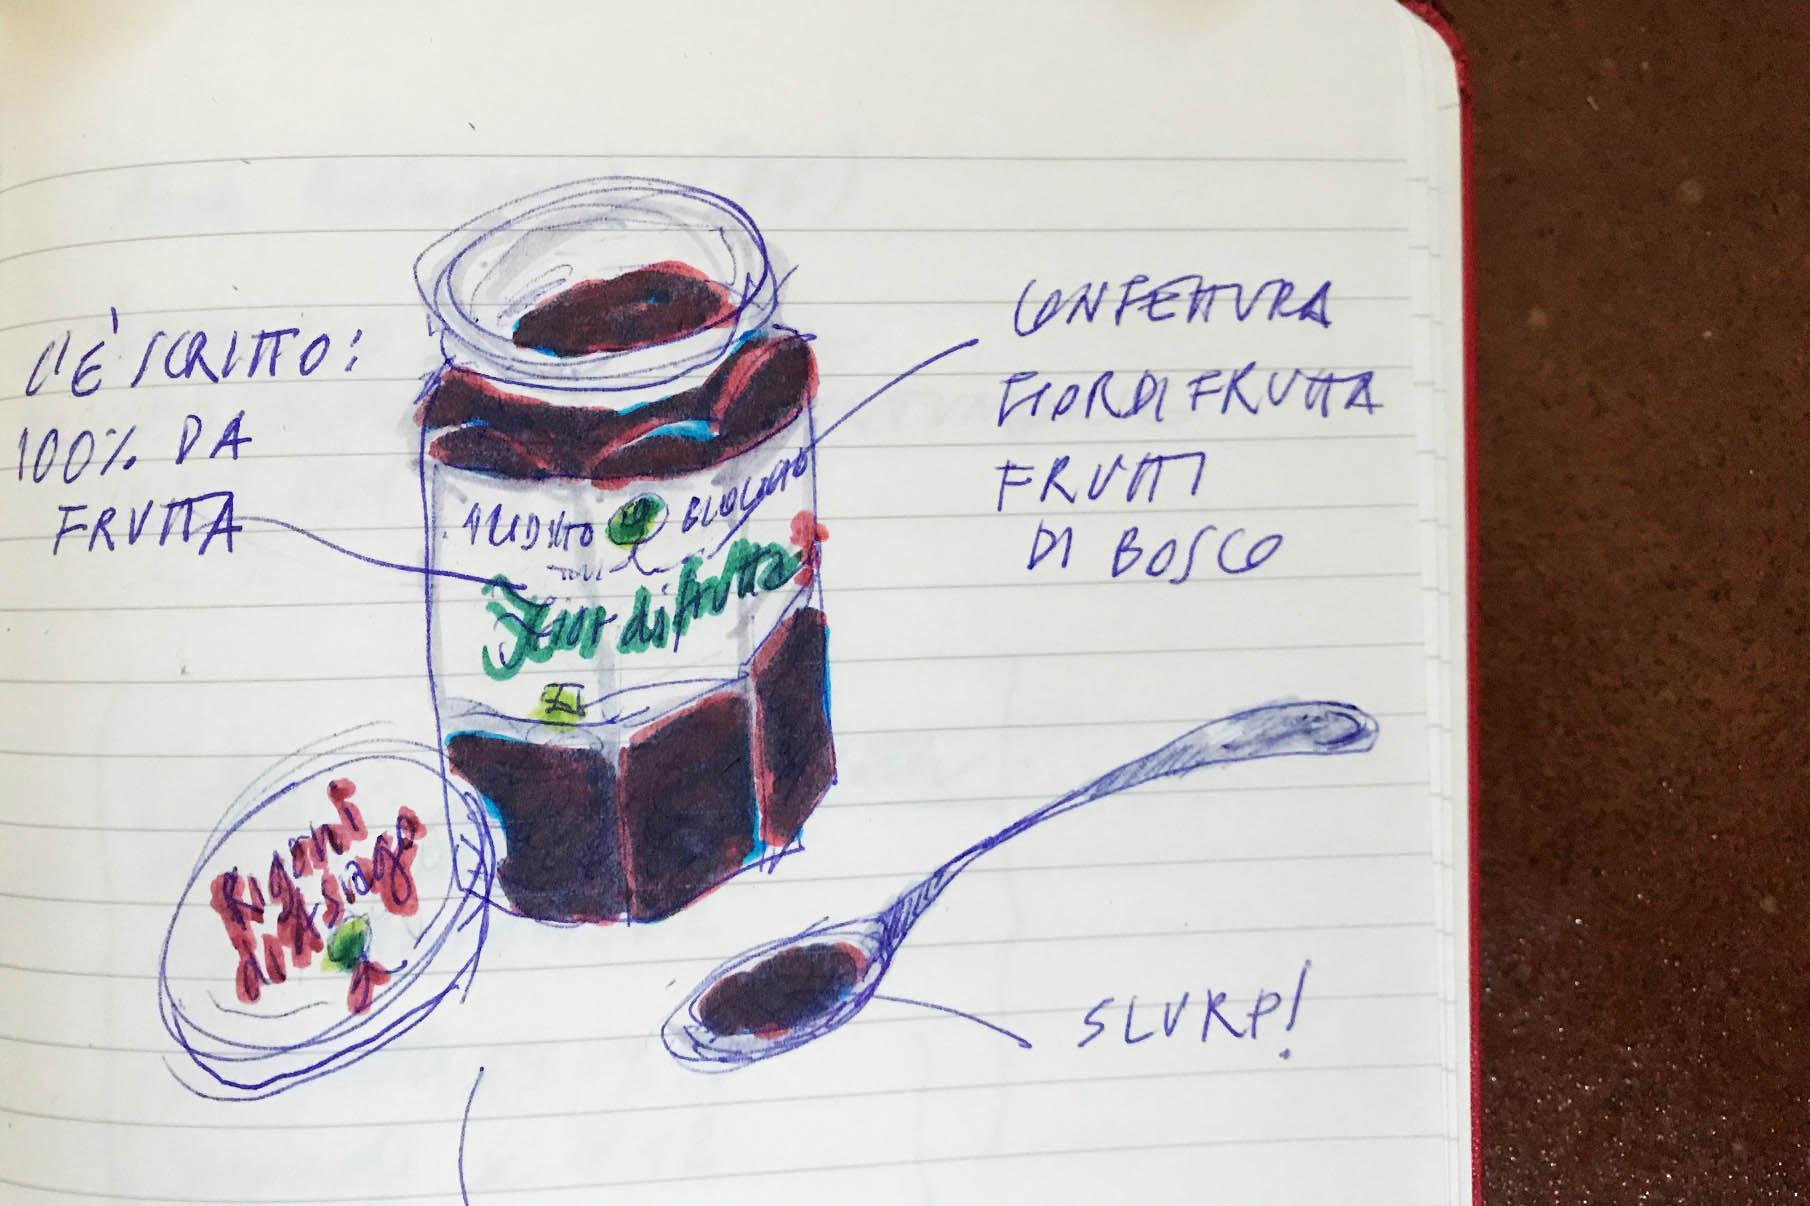 #appuntidisegnati merenda Rigoni vasetto